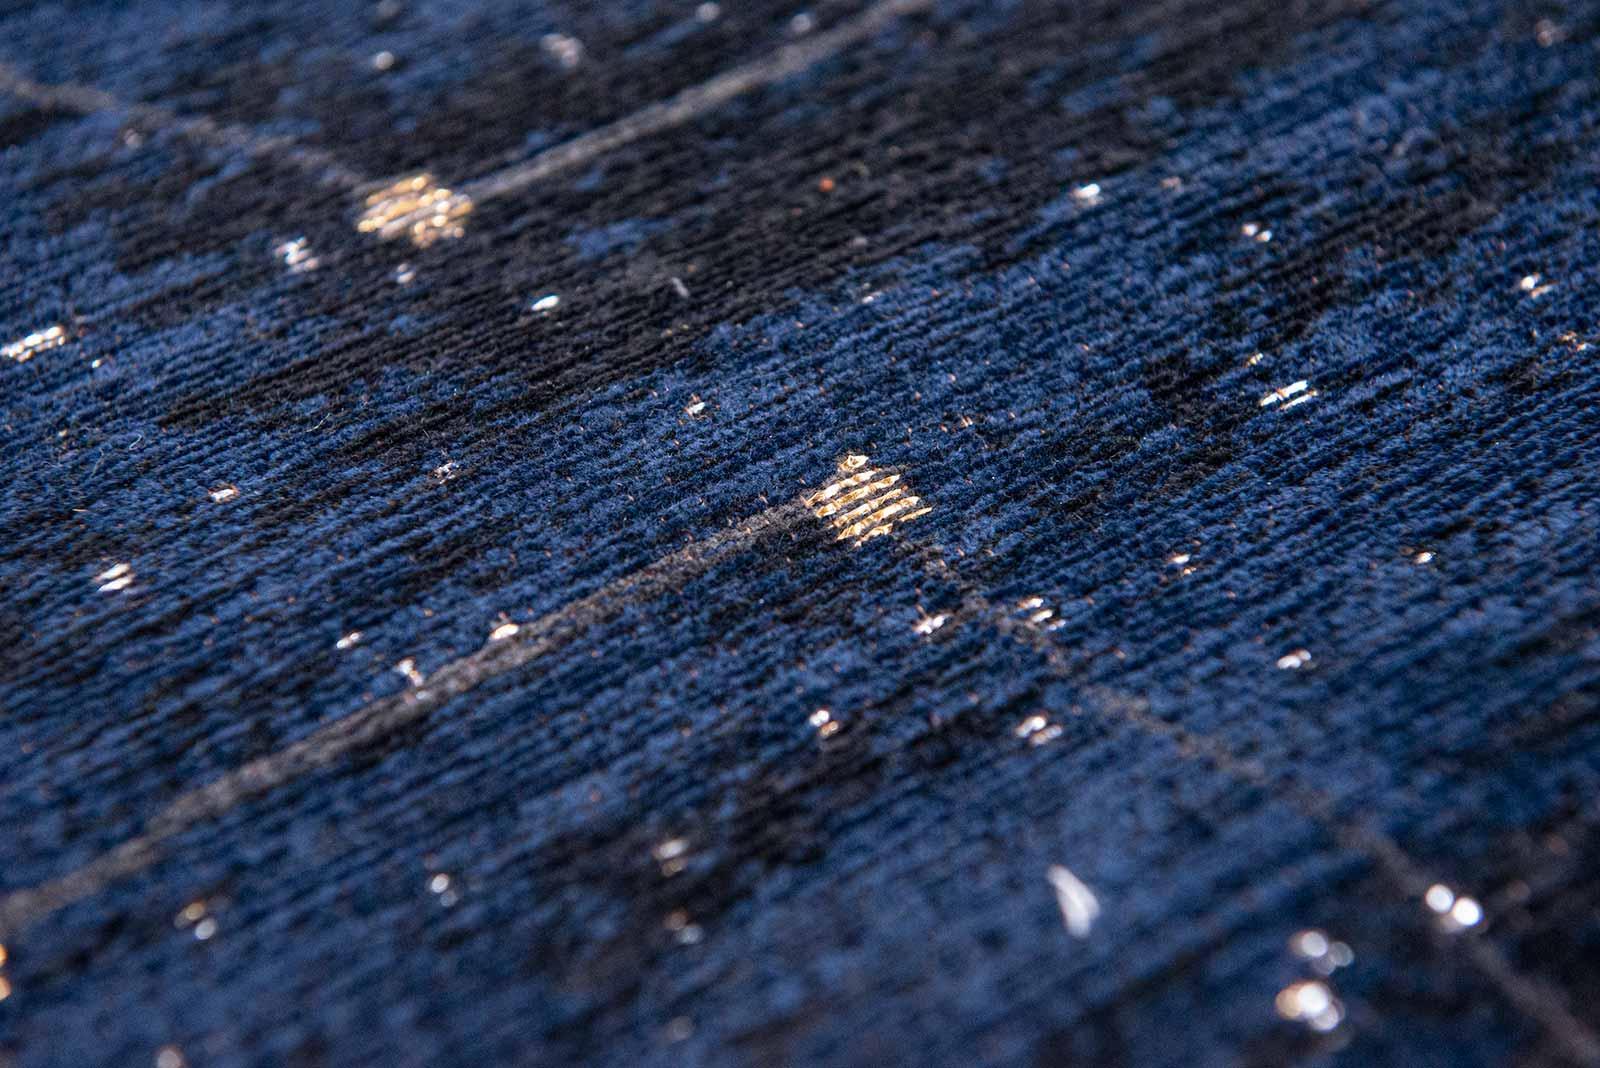 Louis De Poortere vloerkleed Fischbacher 9060 Celestial Midnight Blue zoom 2